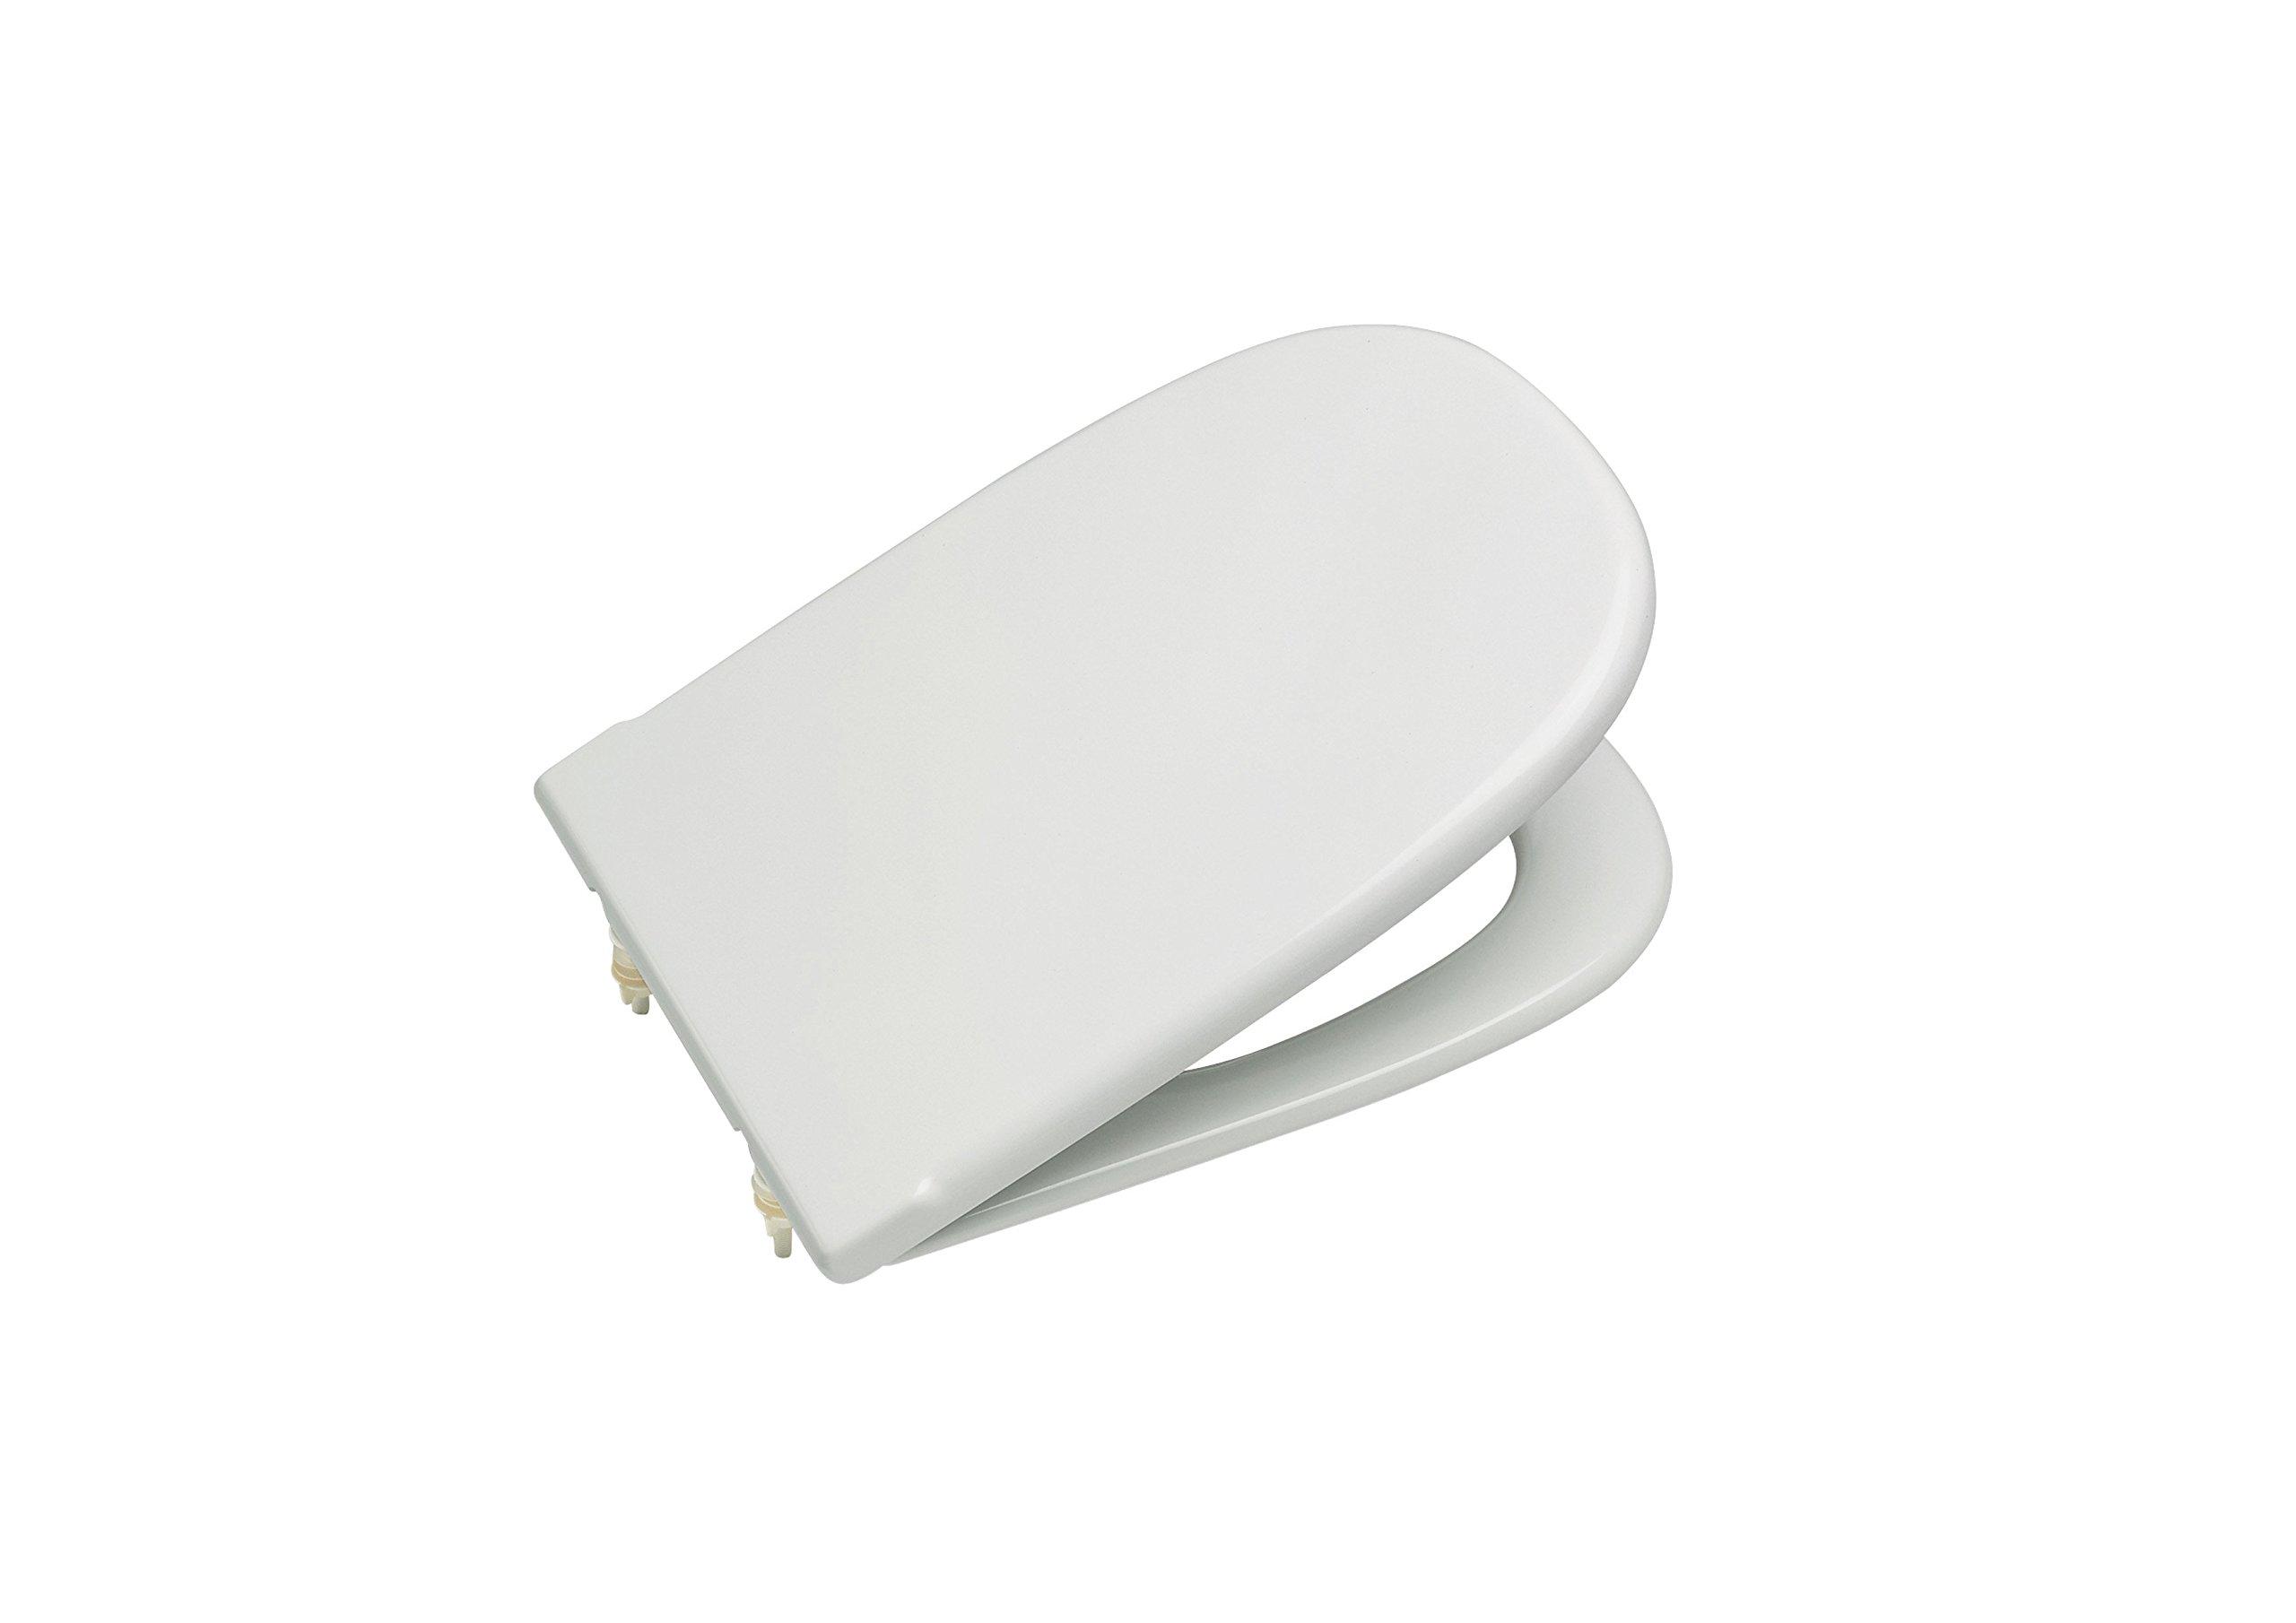 Roca Dama Retro A801327004 - Tapa y asiento para inodoro con bisagras extraíbles product image